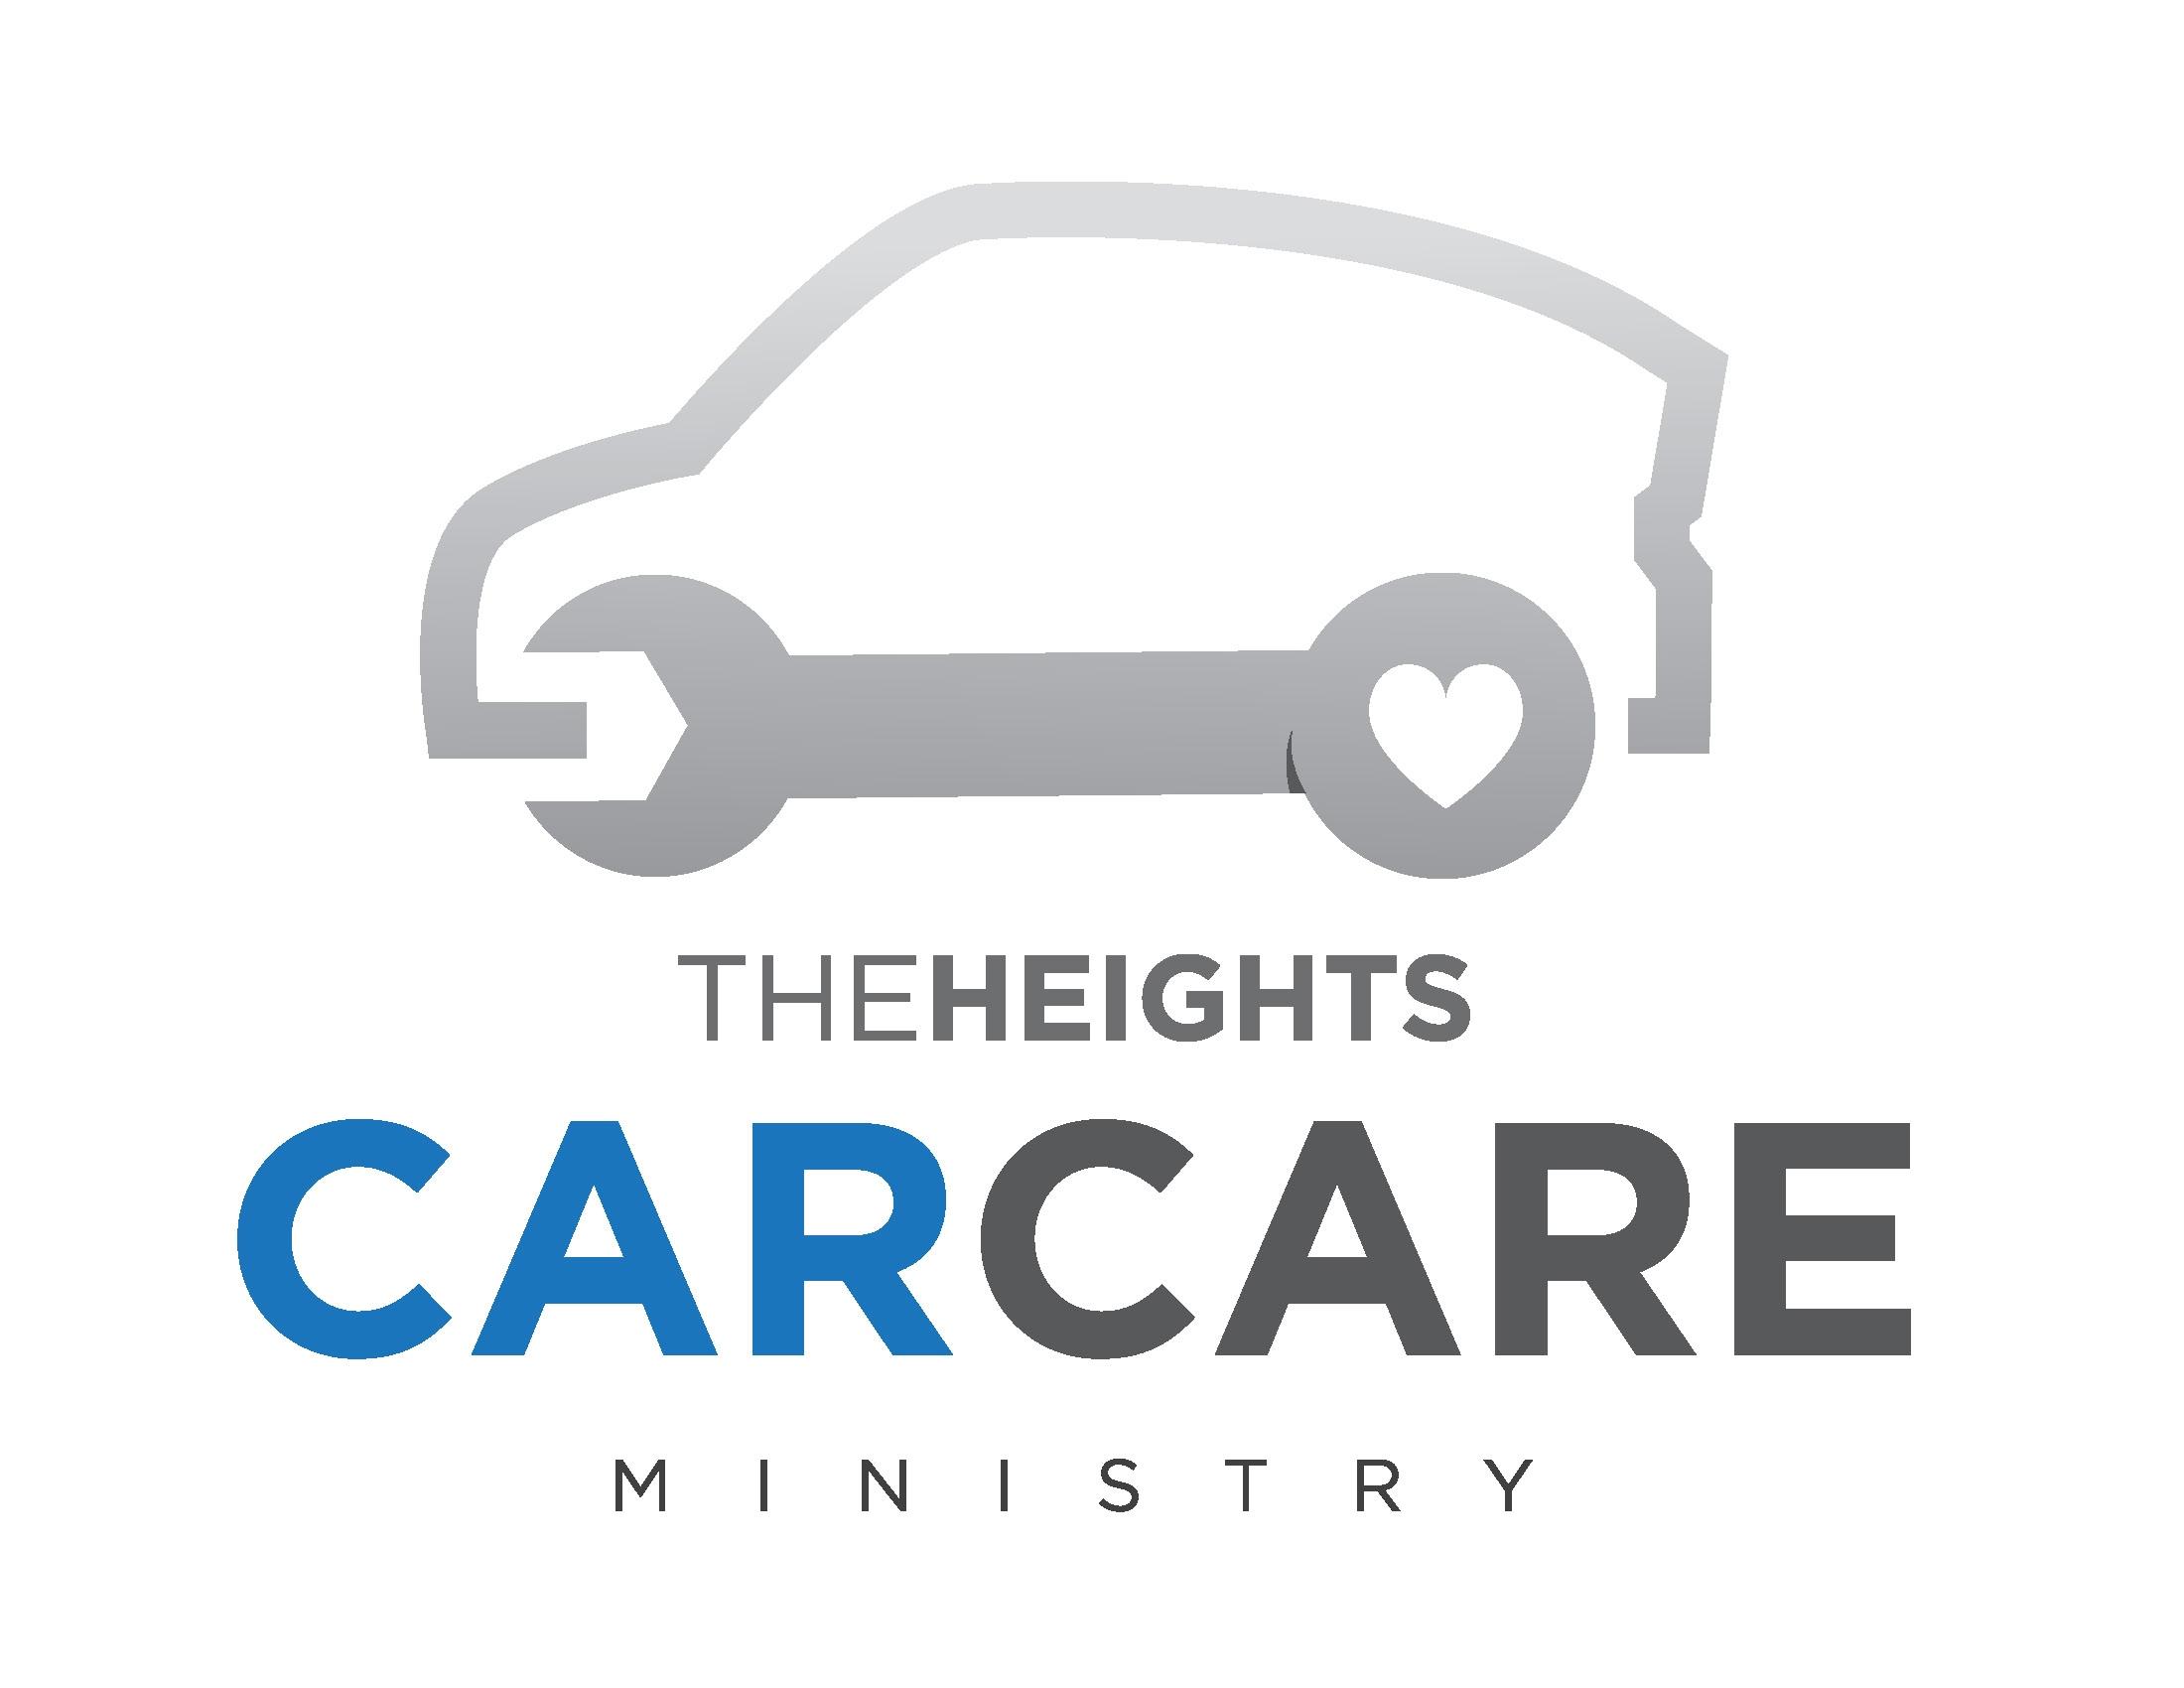 CarCare_Logo.jpg